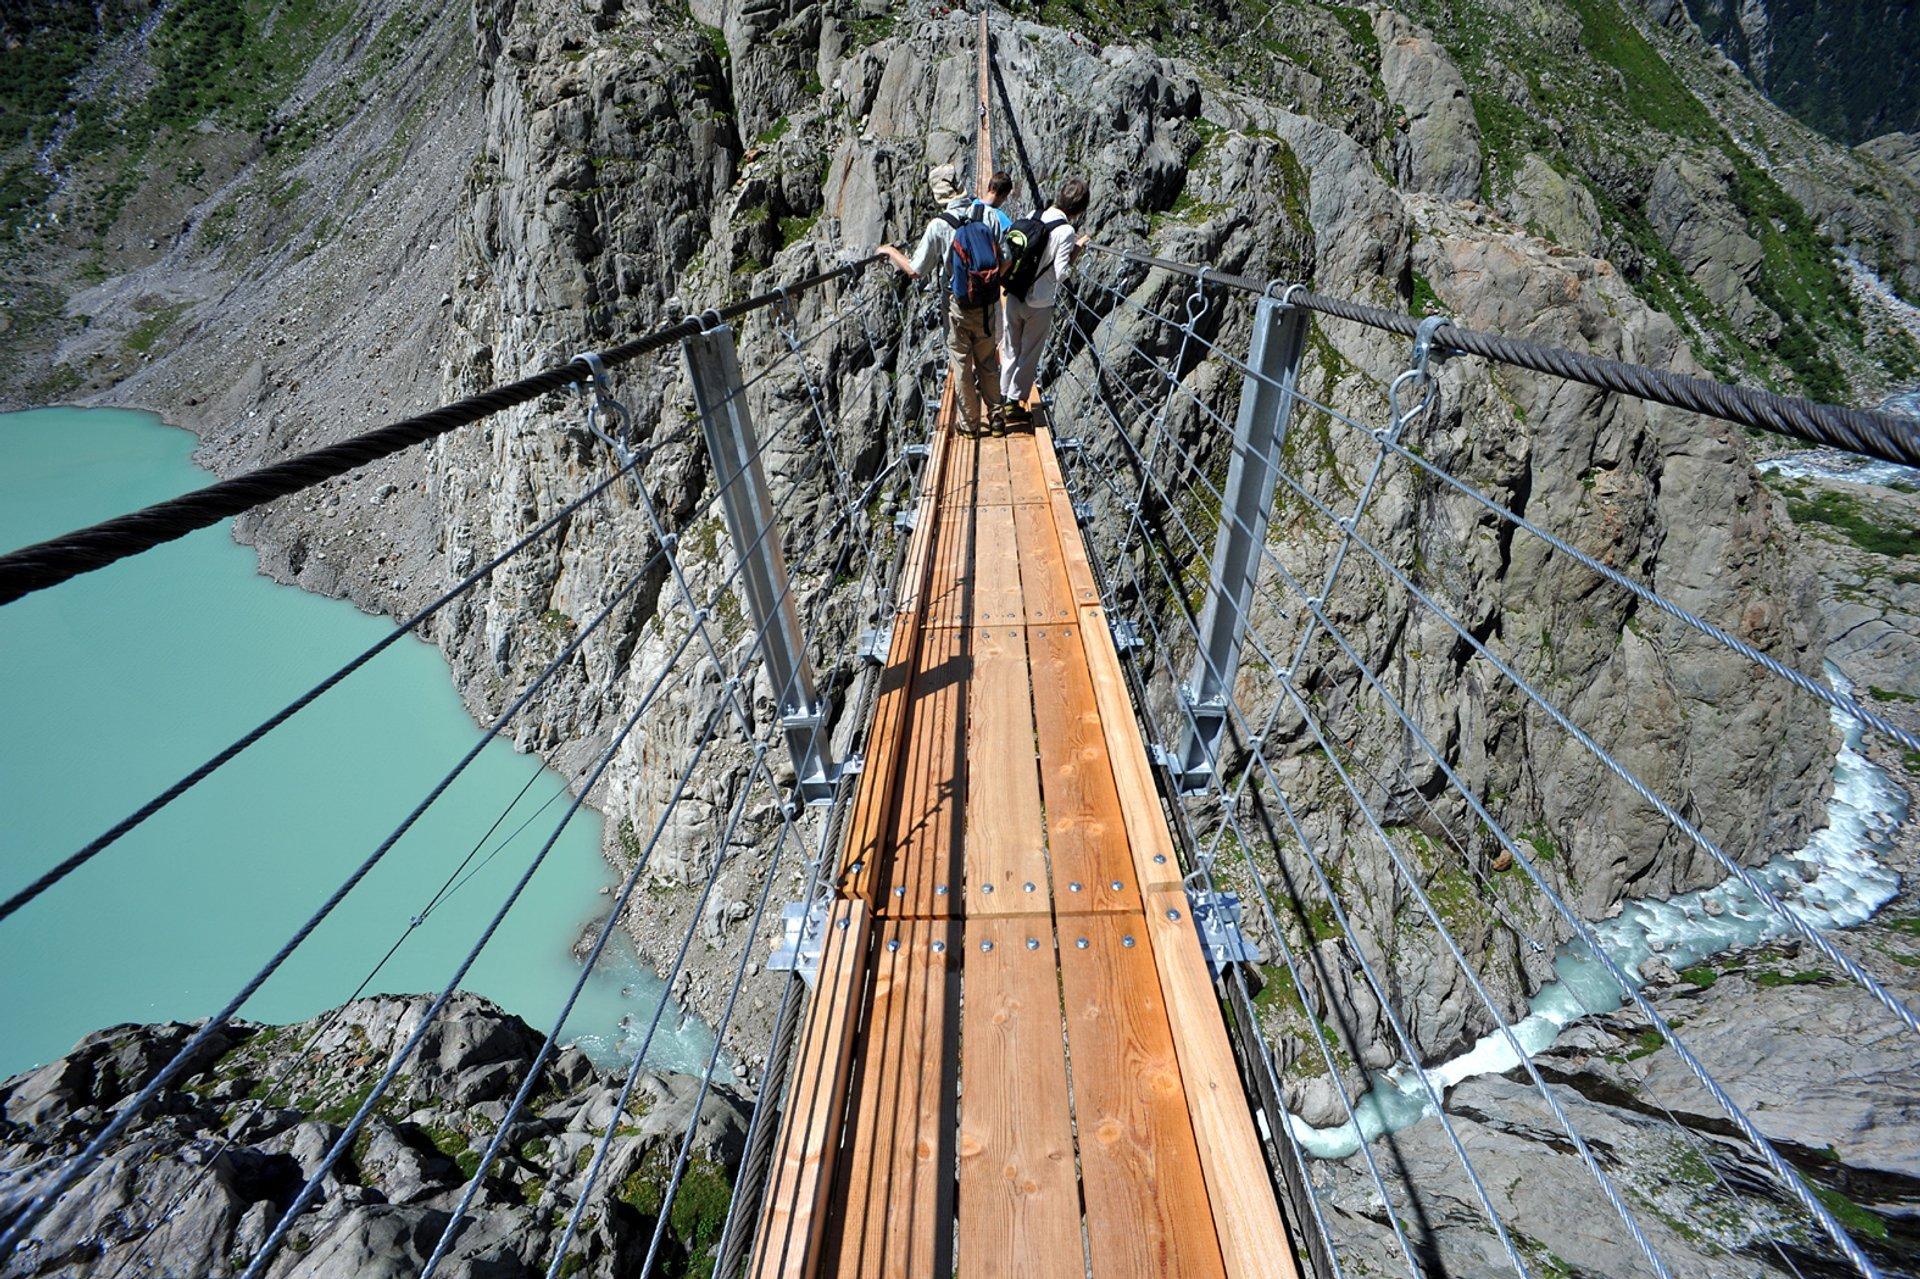 The Trift Bridge in Switzerland 2020 - Best Time